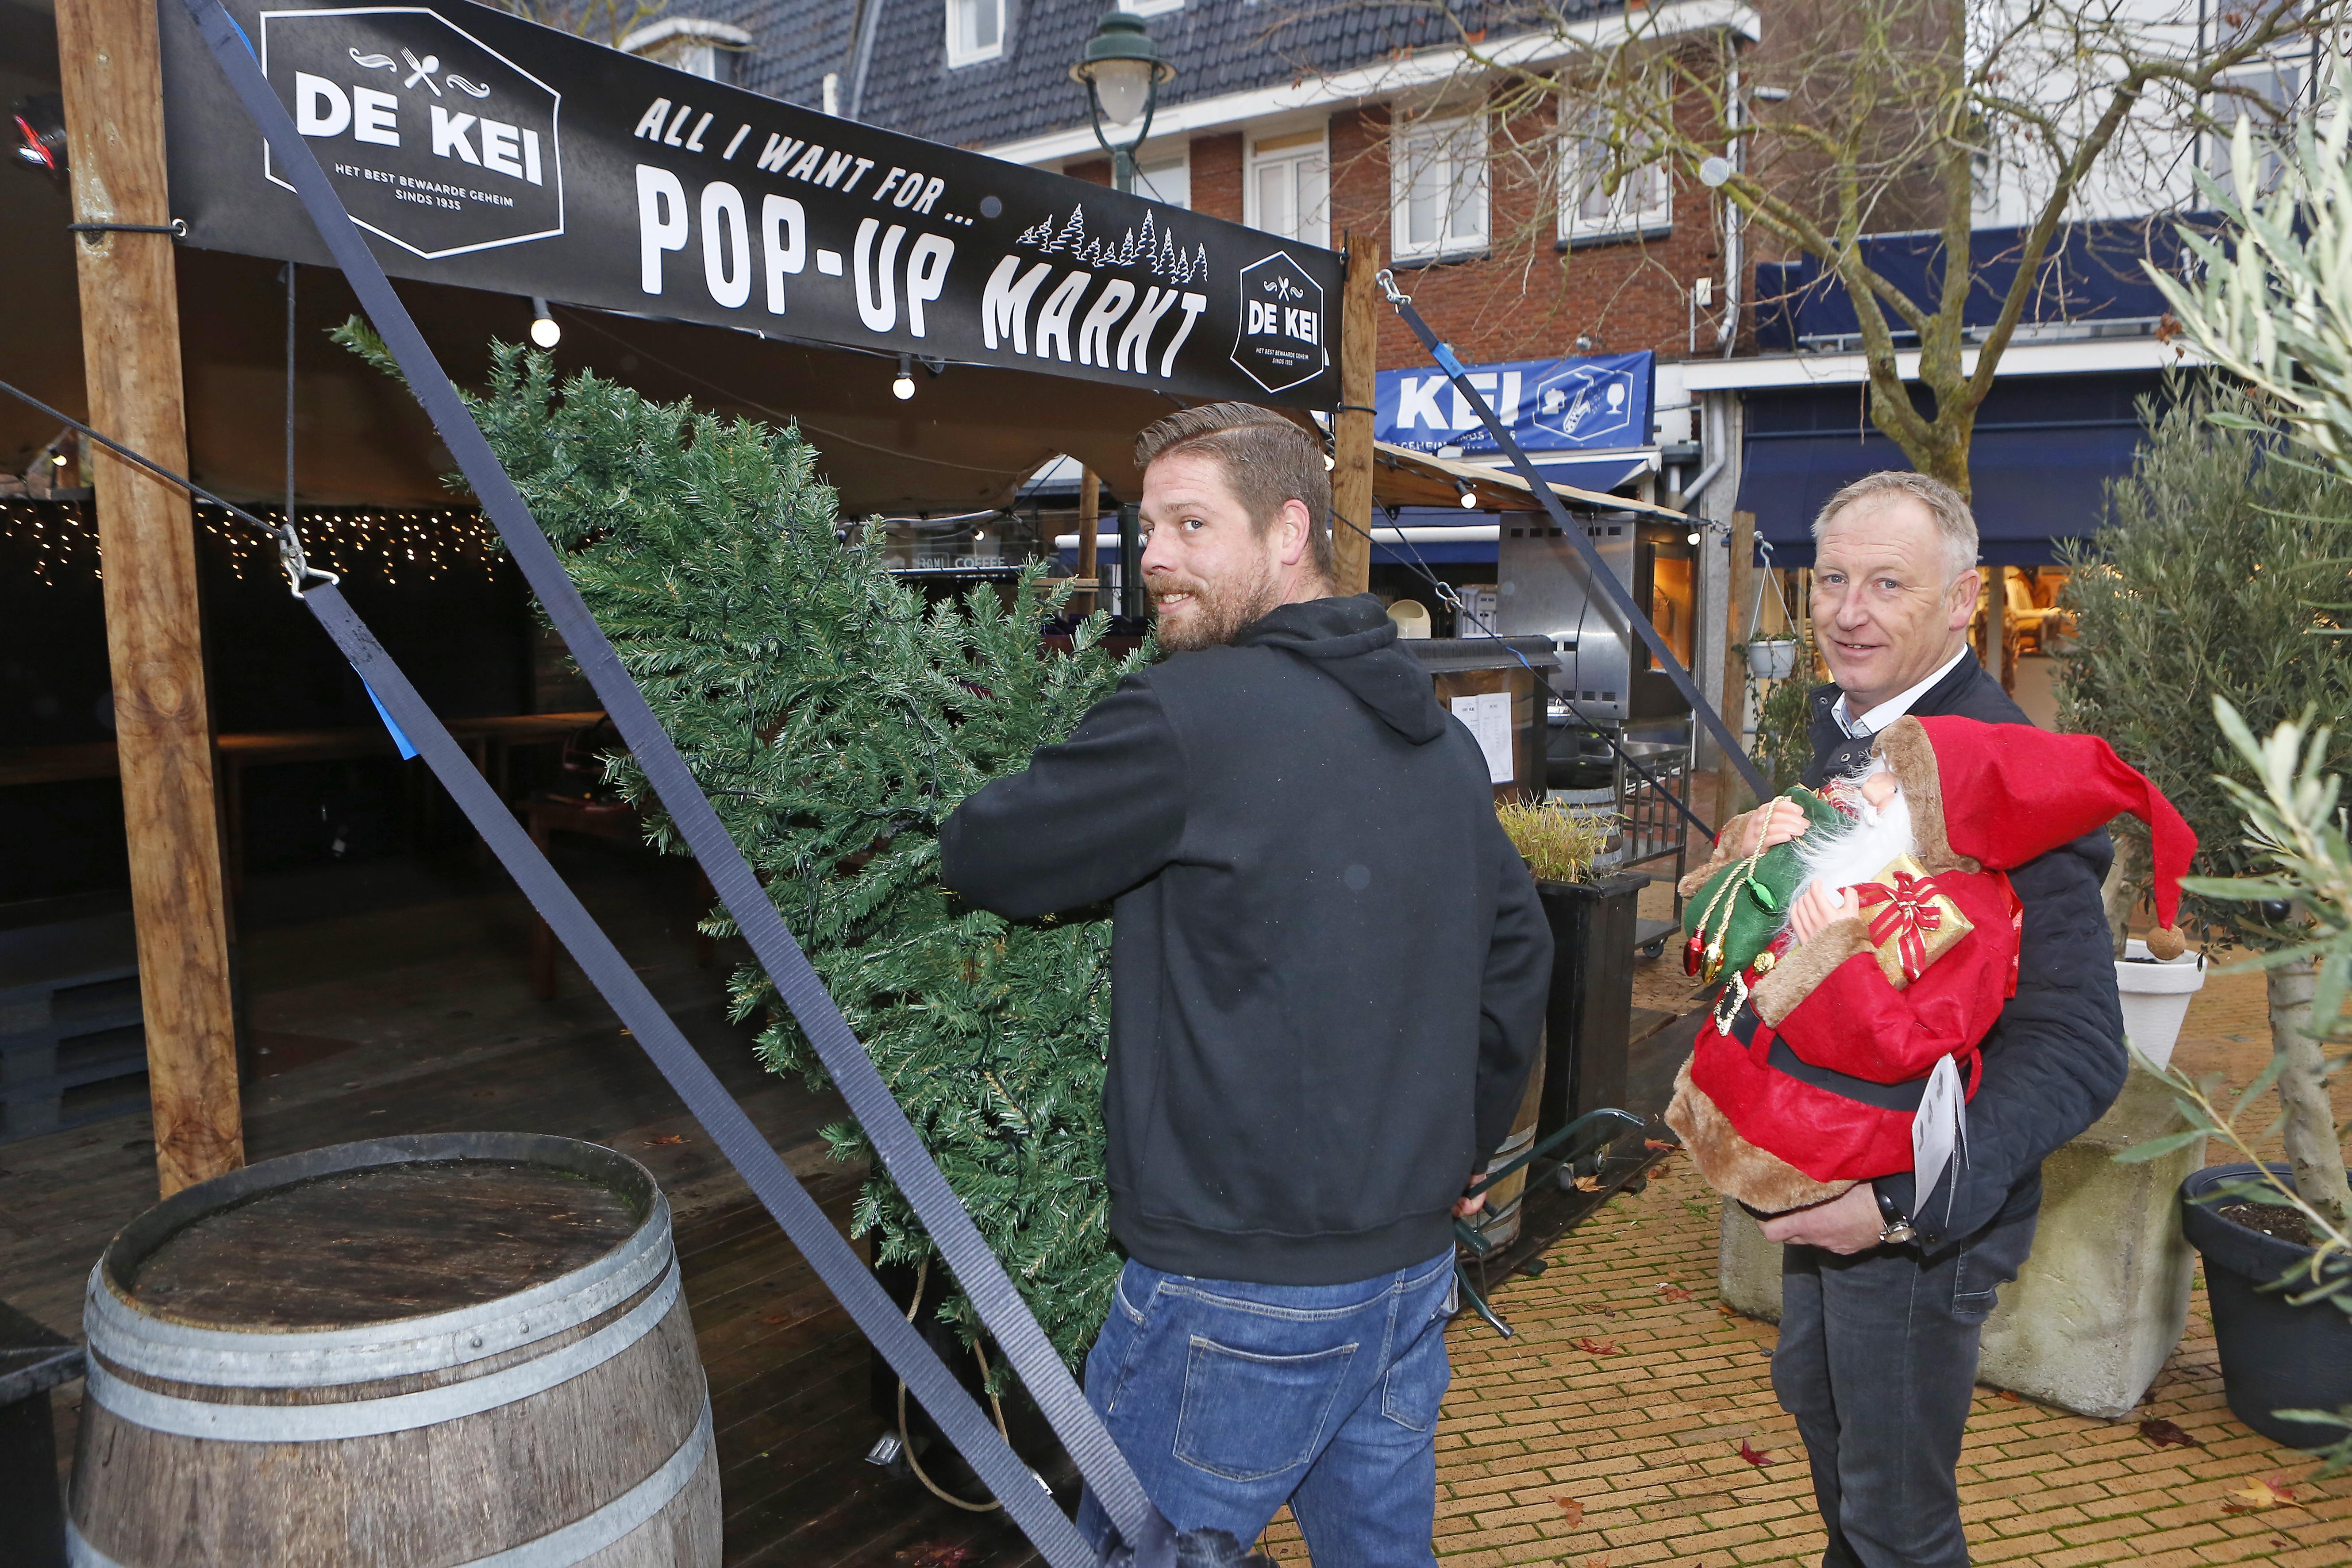 Stilzitten is geen optie voor horecaman Koen van De Kei dus opent hij een coronaproof kerstmarkt in Hilversum